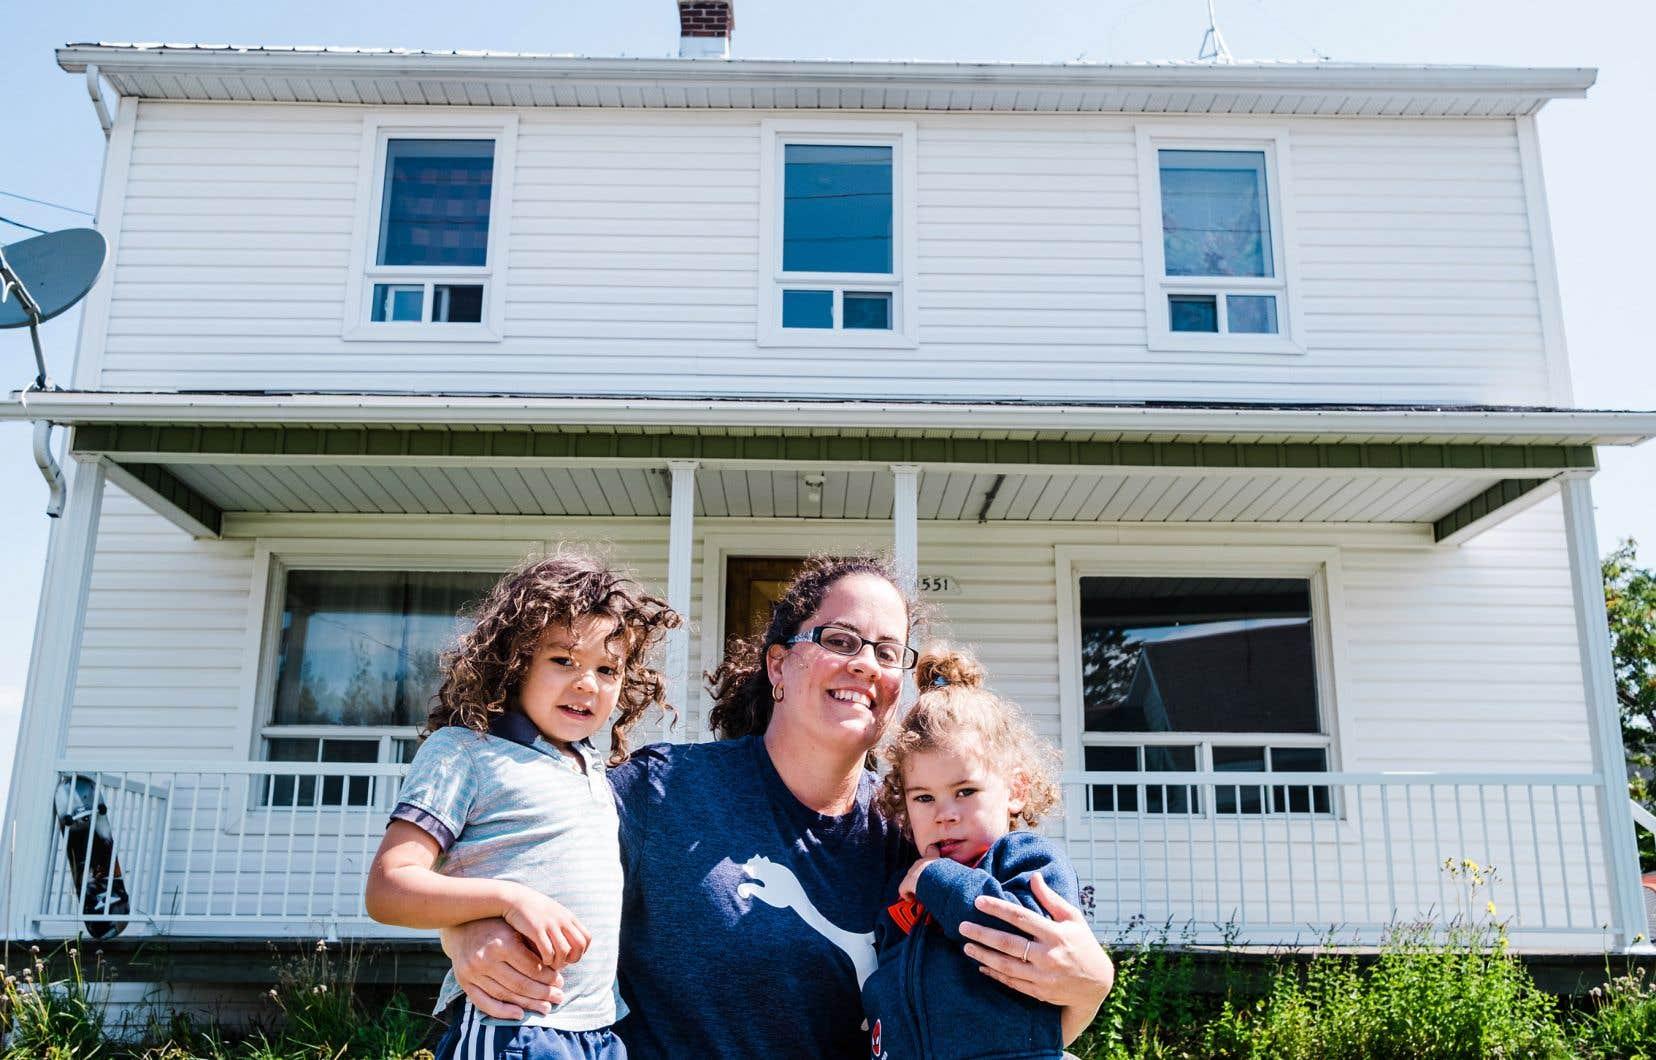 Mélissa Quesnel, 34 ans et mère de six enfants, a changé de vie après avoir remporté la maison que faisait tirer Saint-Philémon. Le concours visait à attirer de jeunes familles dans la petite municipalité de Chaudière-Appalaches.